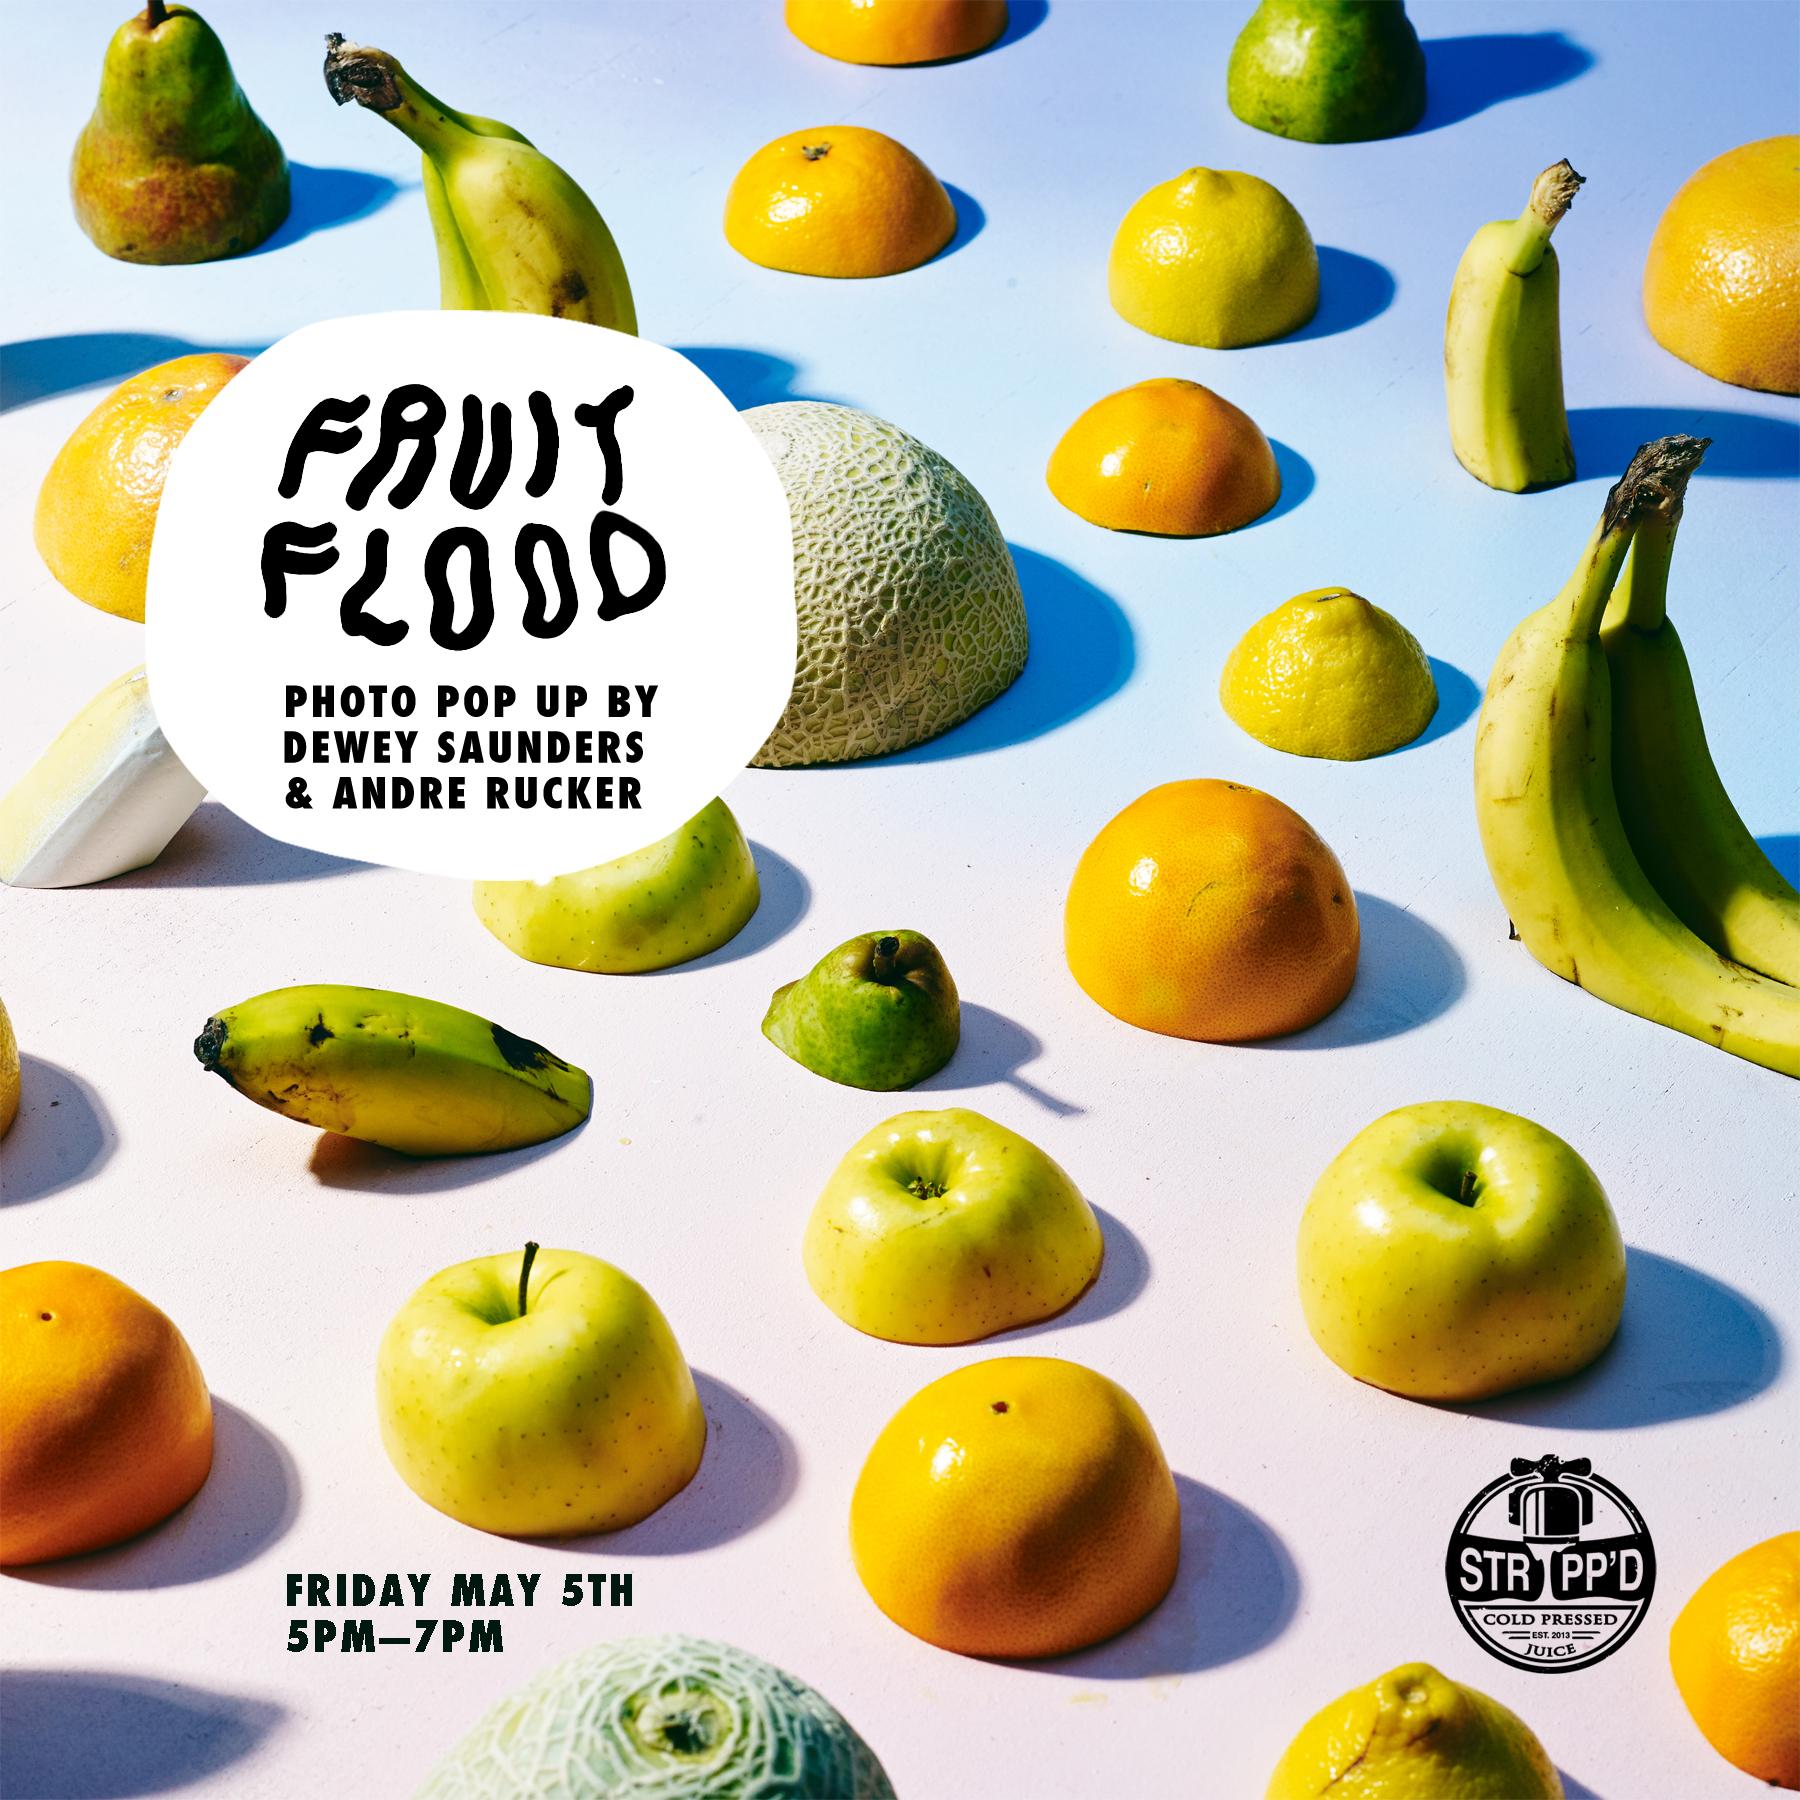 fruitflood.jpg